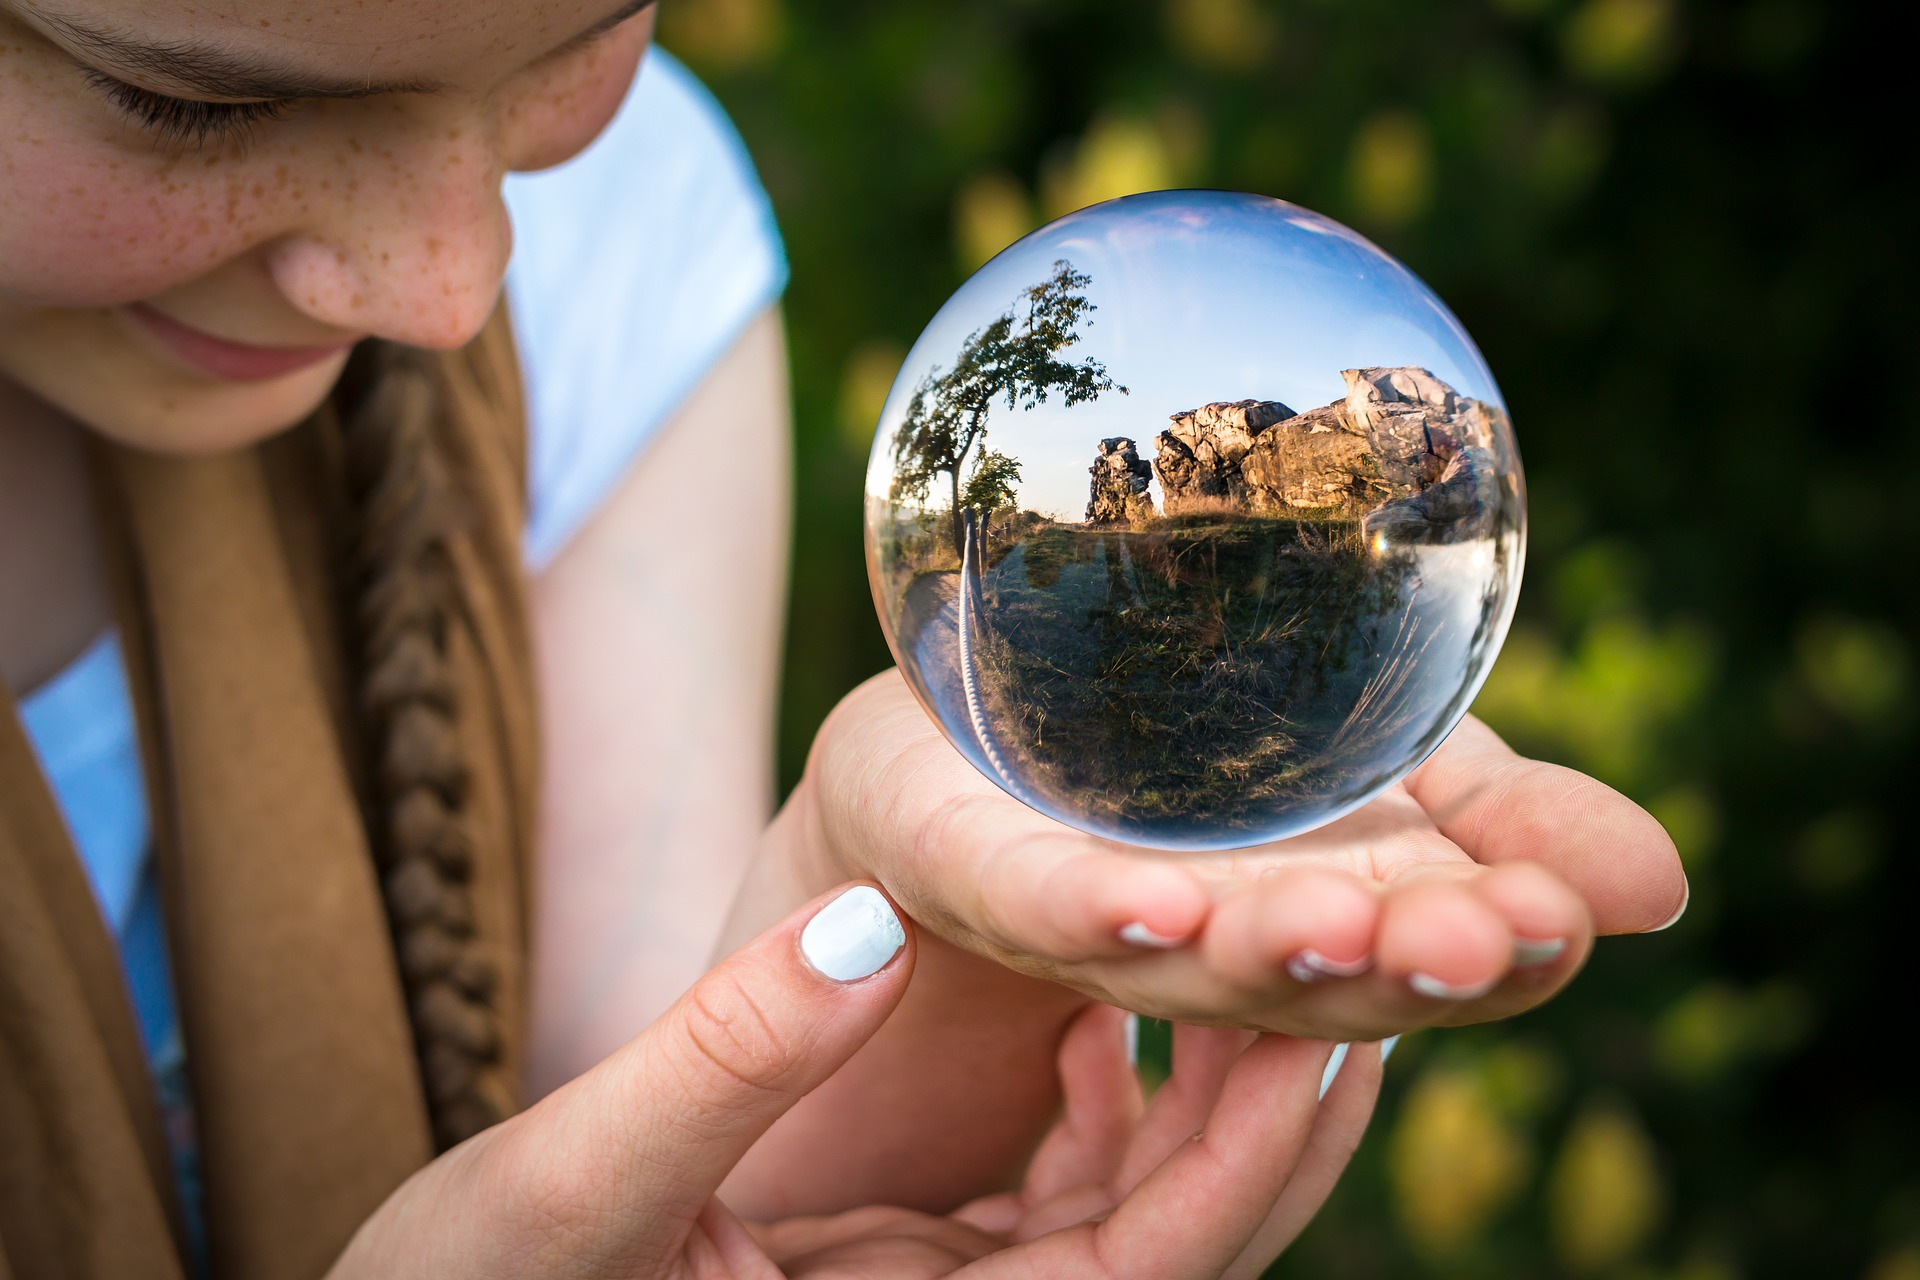 glass-ball-1754432_1920.jpg